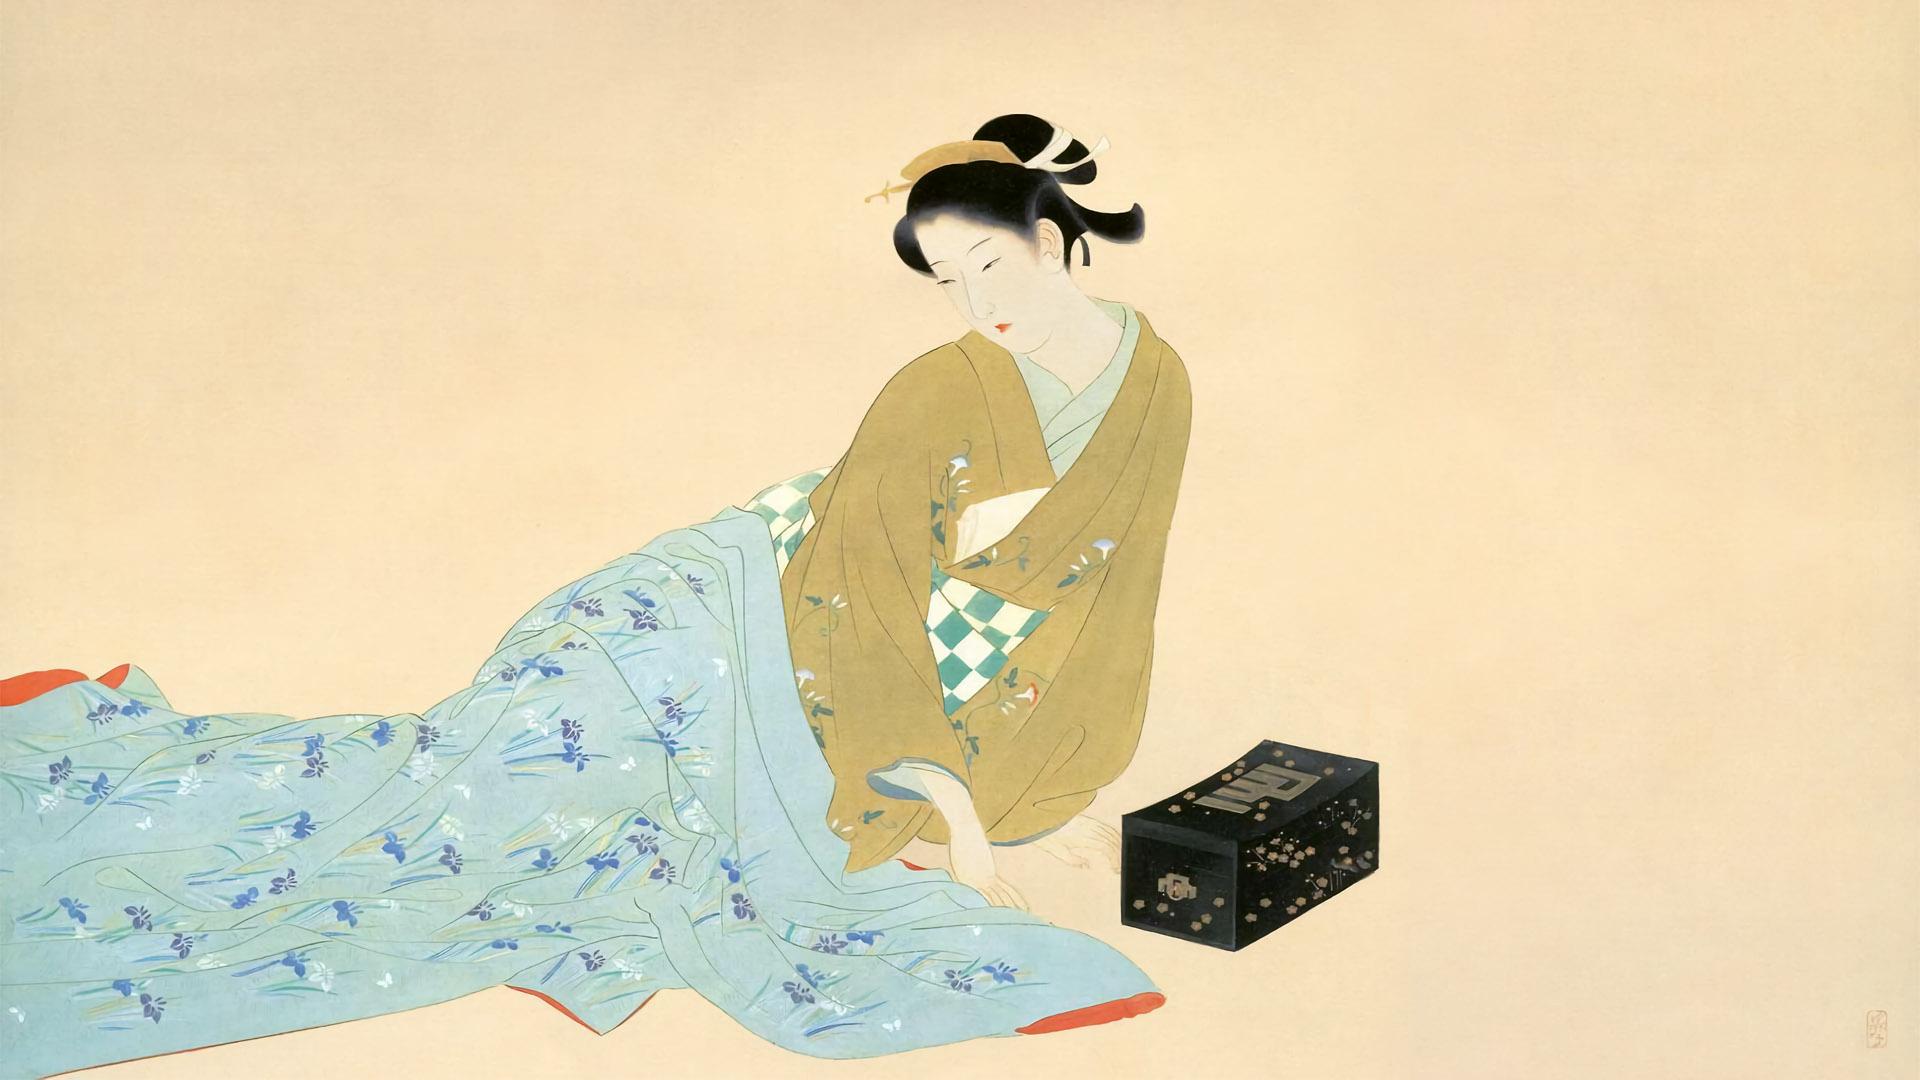 Kaburaki Kiyokata - Kyara 1920x1080